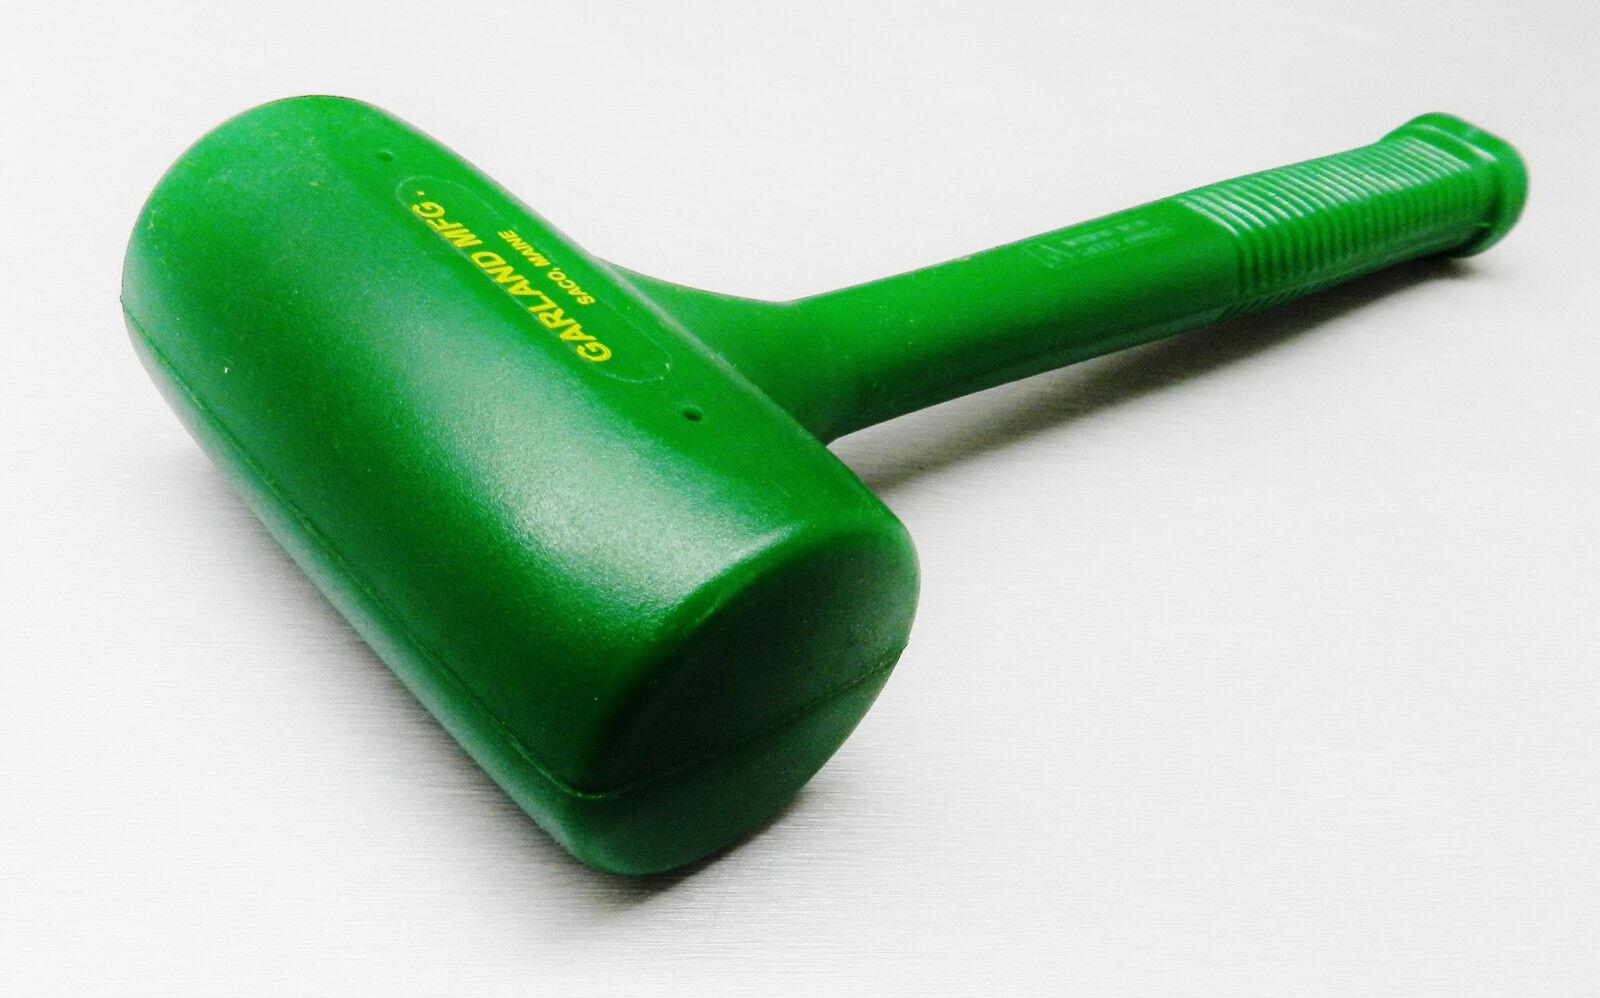 Dead Blow Hammer Garland Standard Head 40003 Polyurethane Mallet 36oz